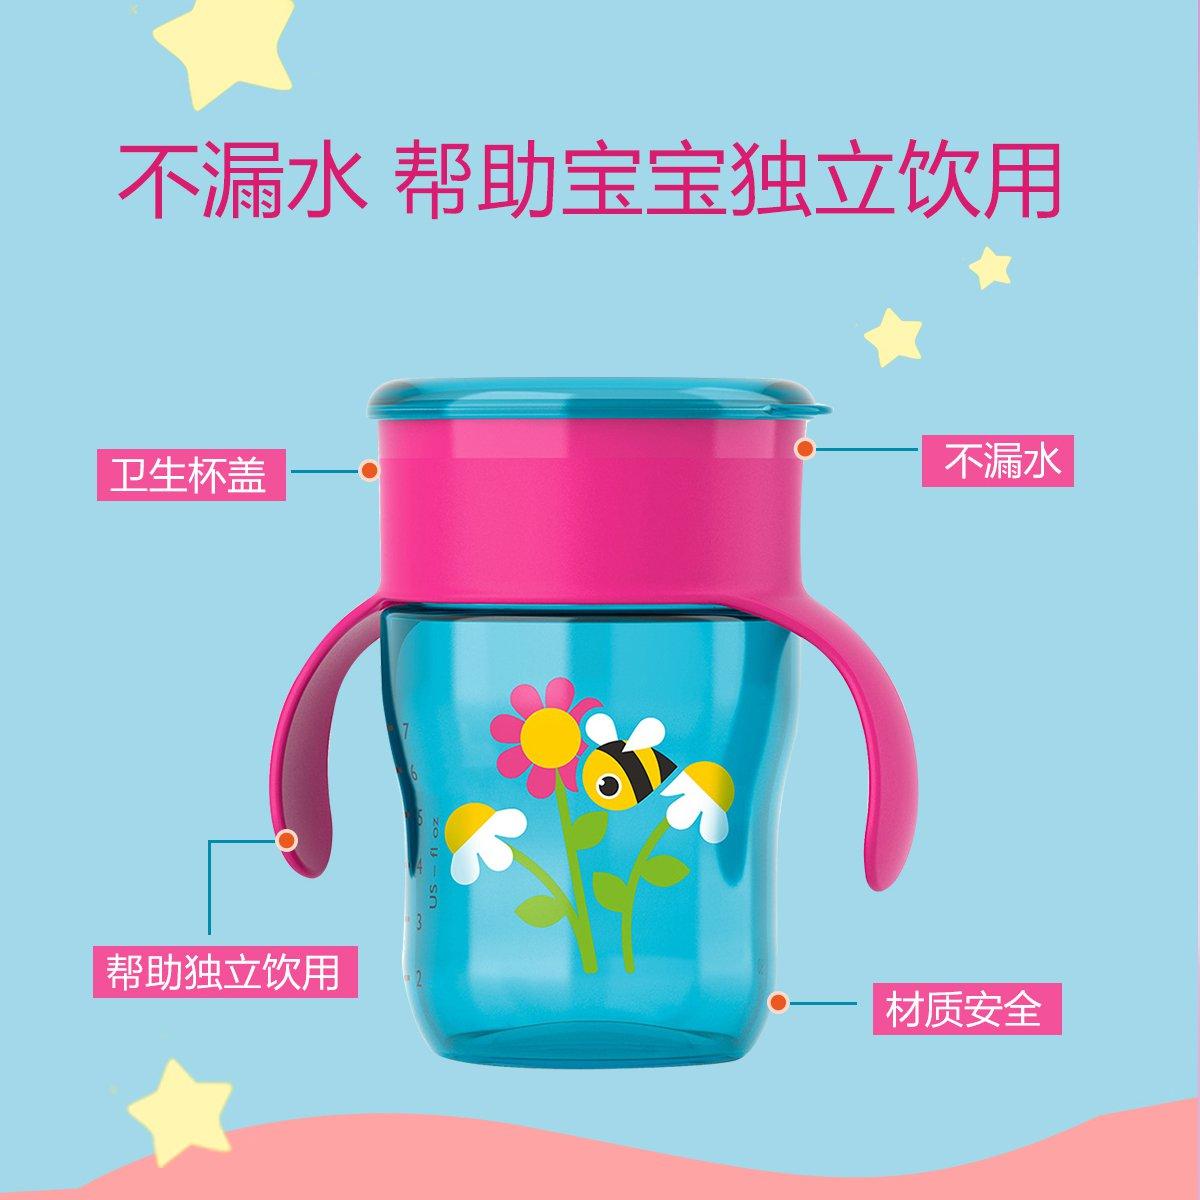 飞利浦新安怡自然啜饮杯 宝宝学饮杯进口水杯 儿童防漏水杯 9安士